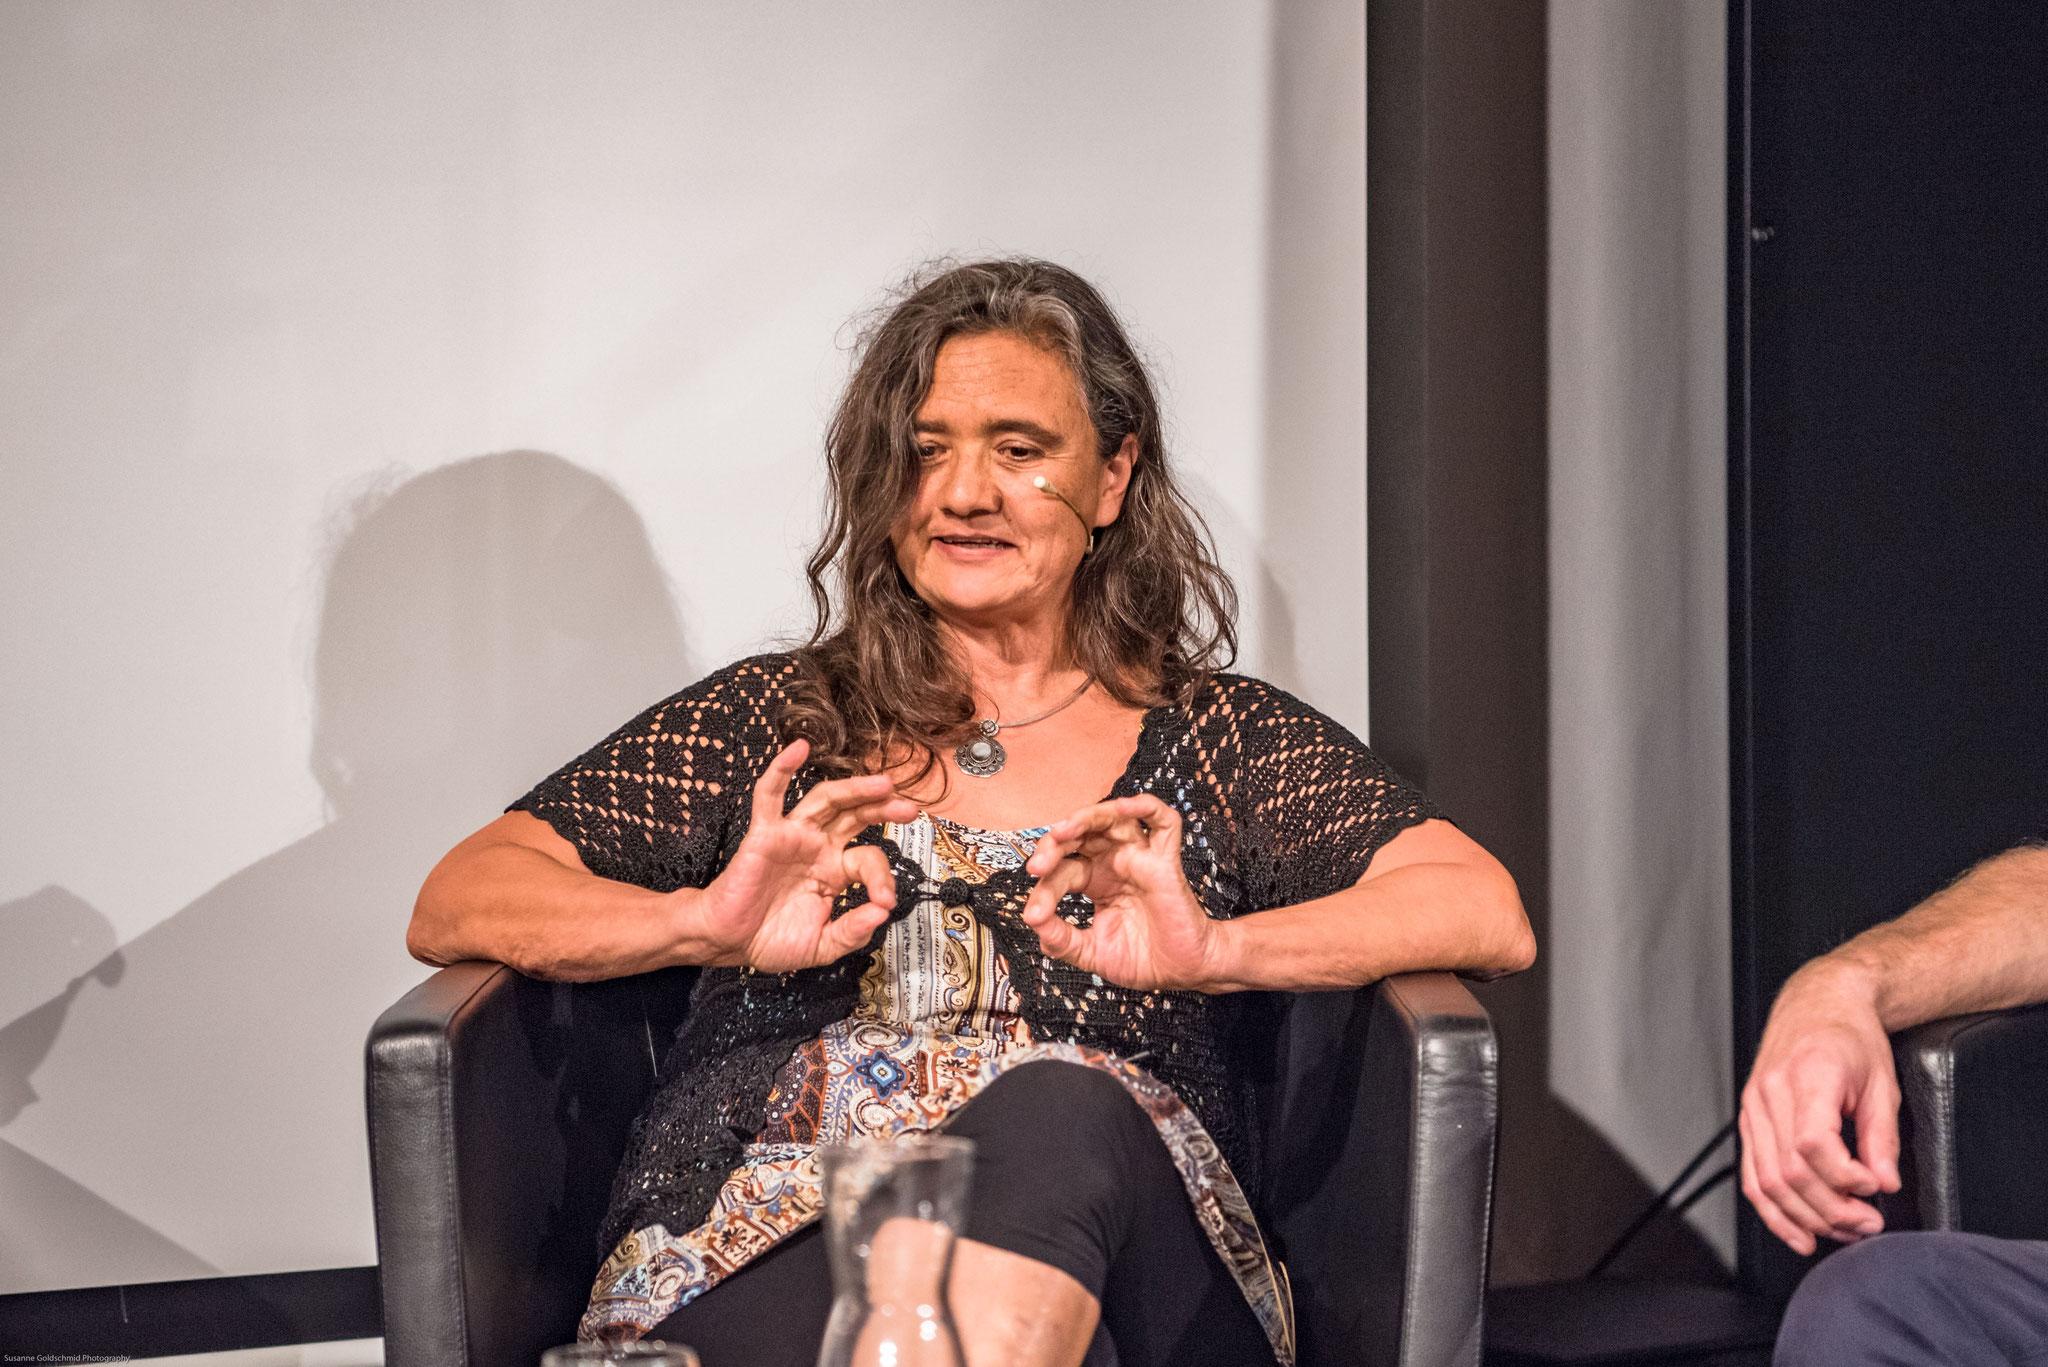 Bettina Scharrer (Interdisziplinäres Zentrum für Nachhaltige Entwicklung und Umwelt, Universität Bern)